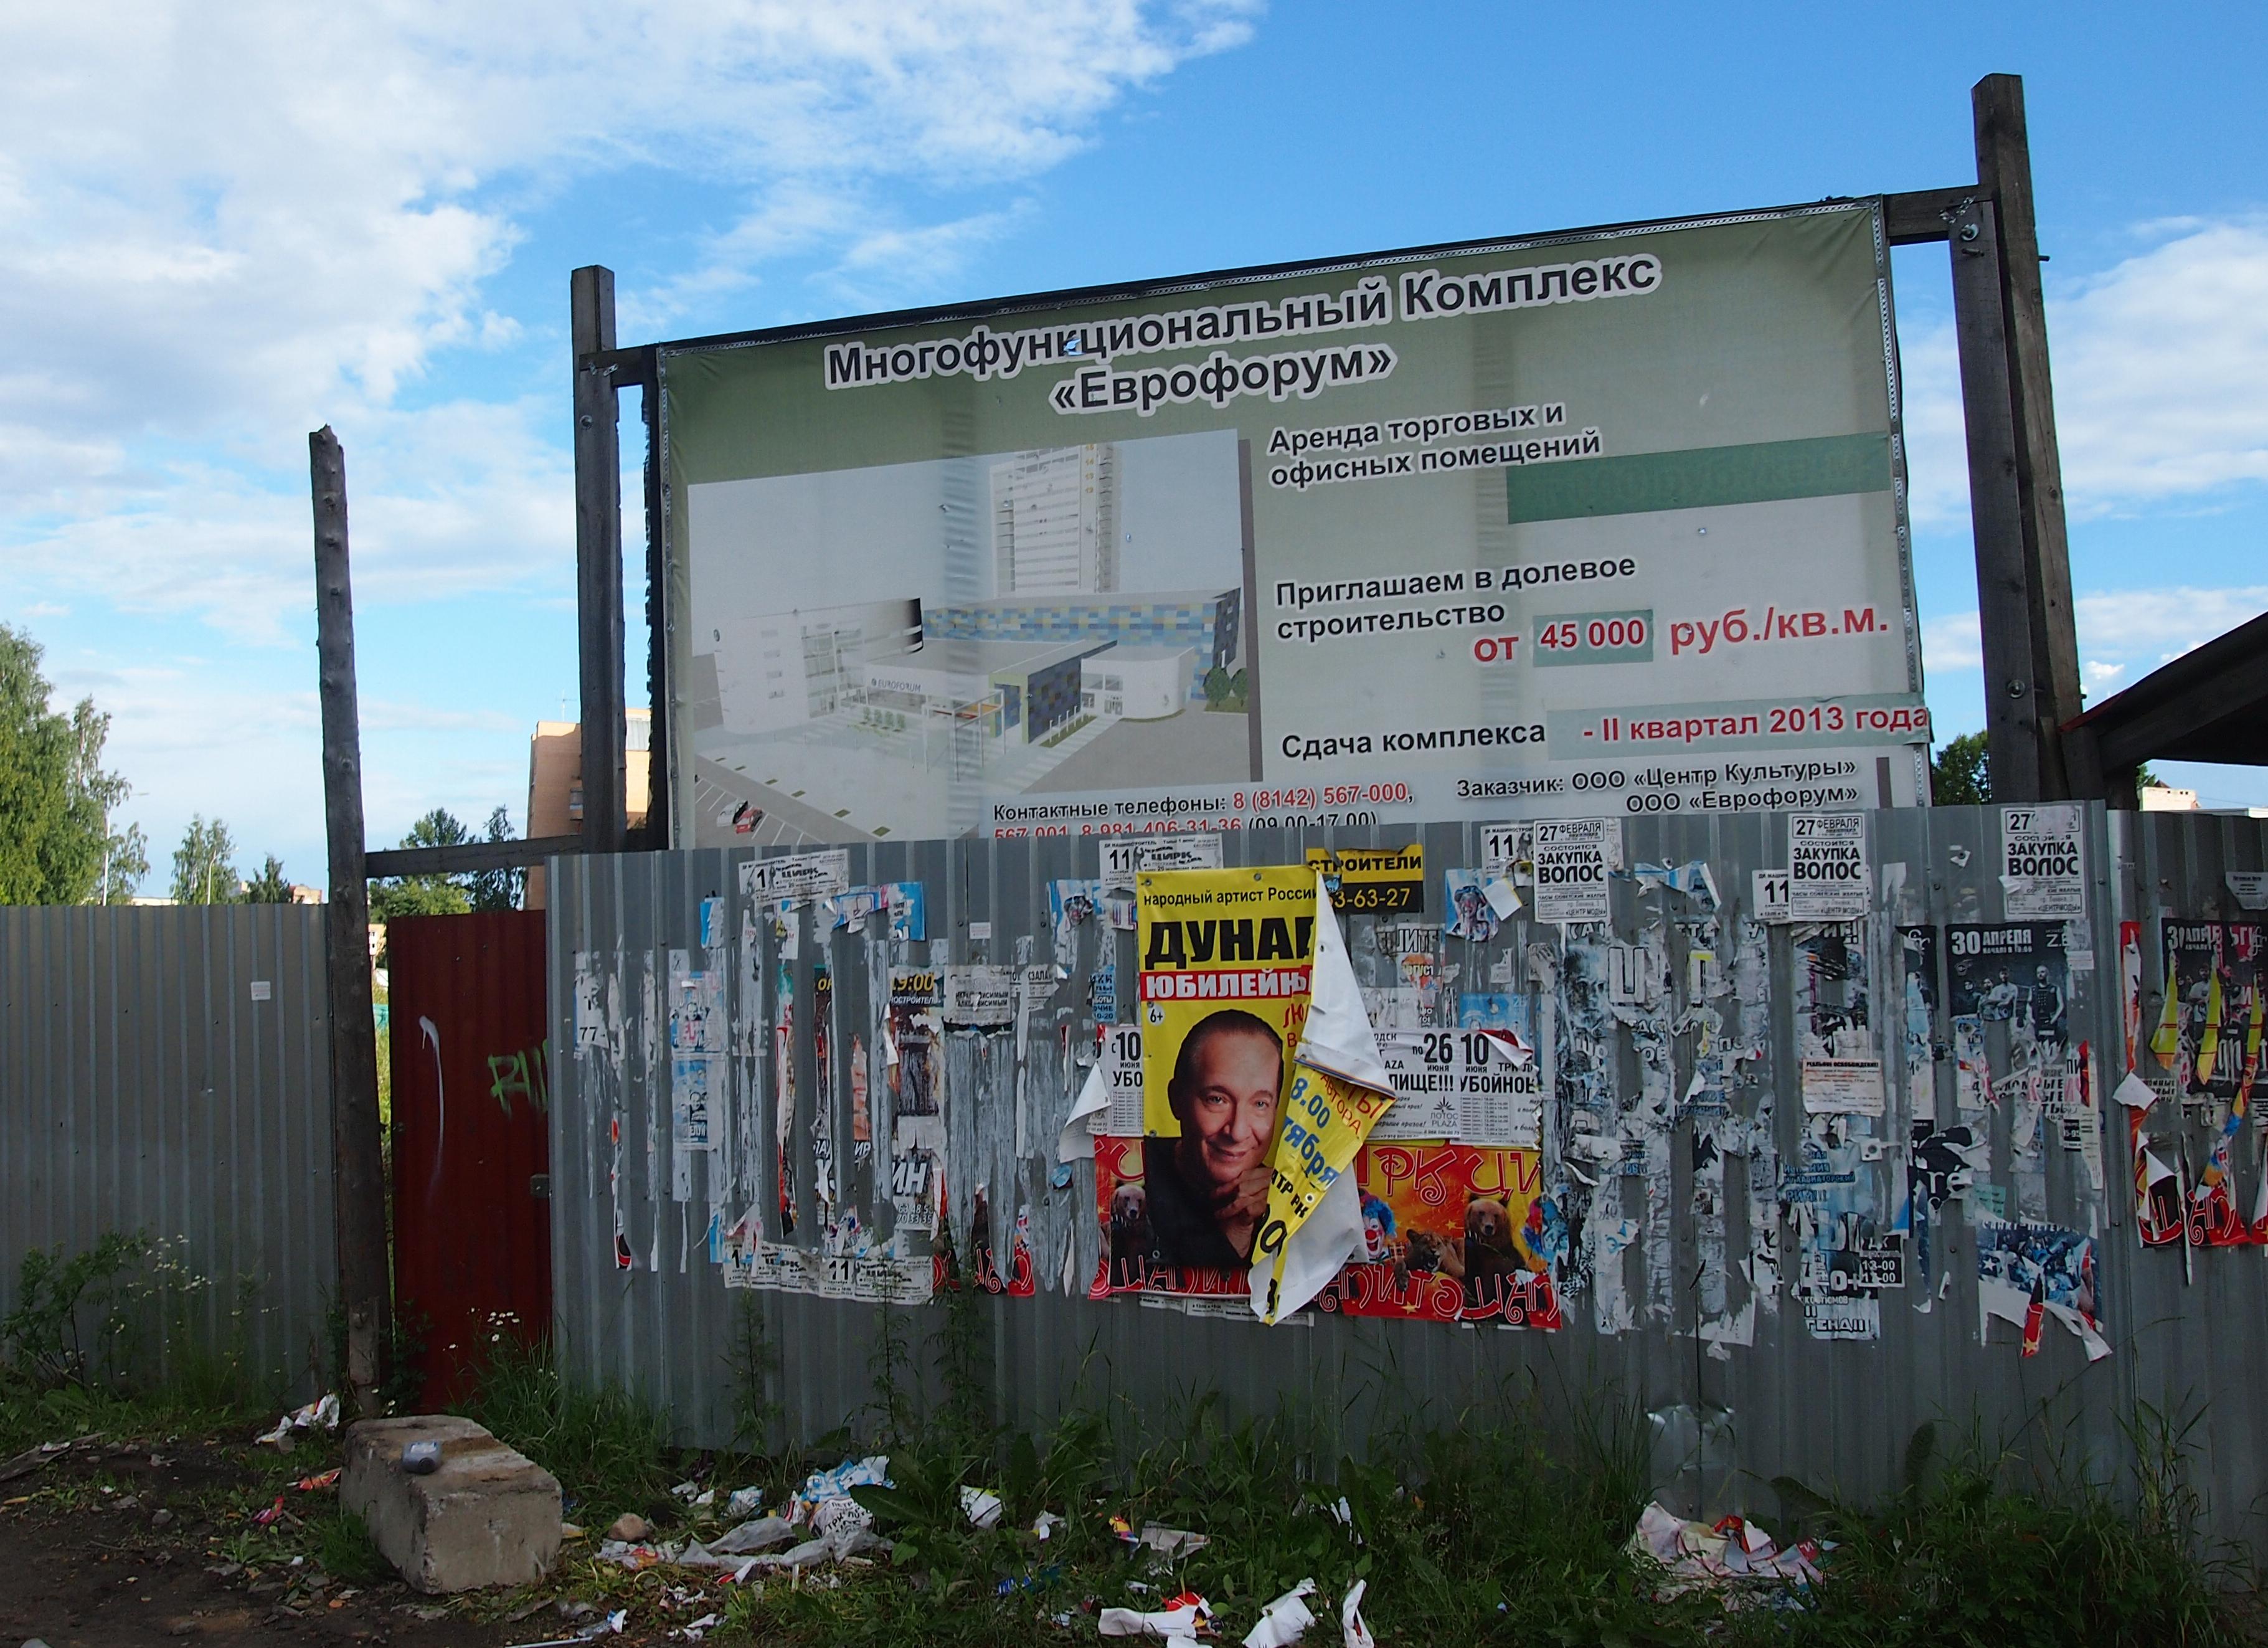 Проект строительства многофункционального центра так и остался нереализованным. Фото: Валерий Поташов